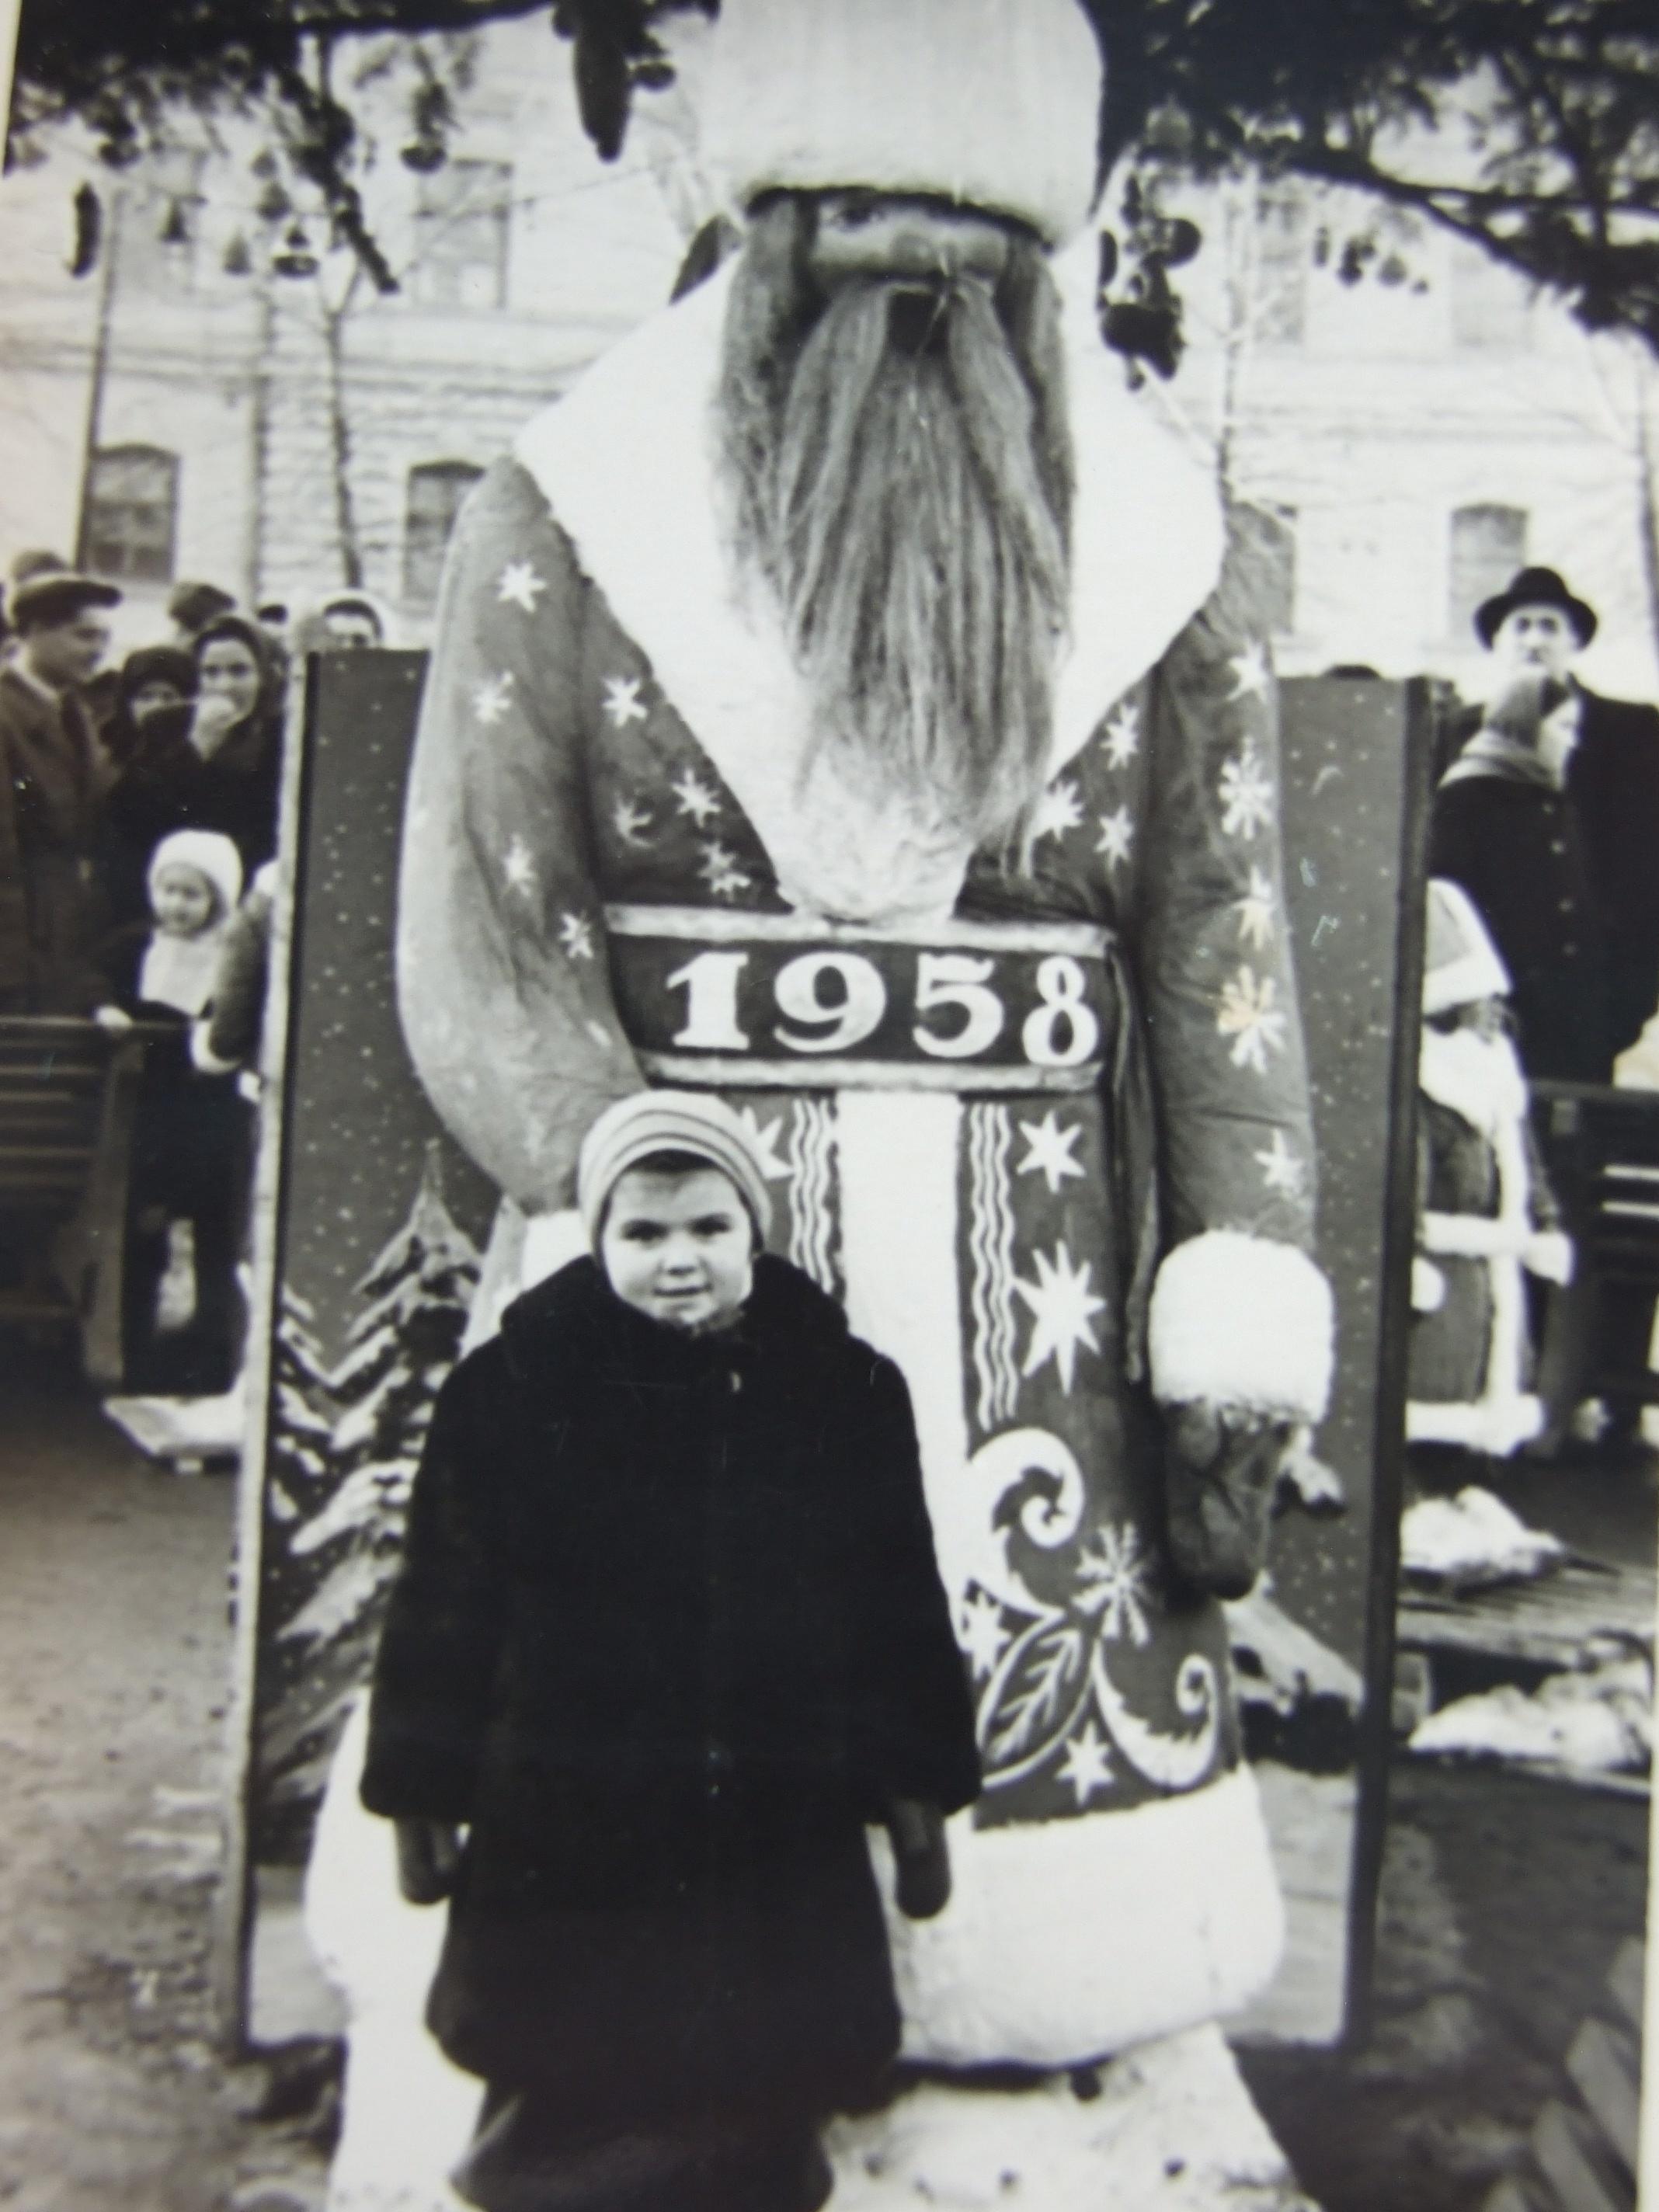 אמא שלי ליד דד מרוז בכיכר העיר צרנוביץ אוקראינה 1958